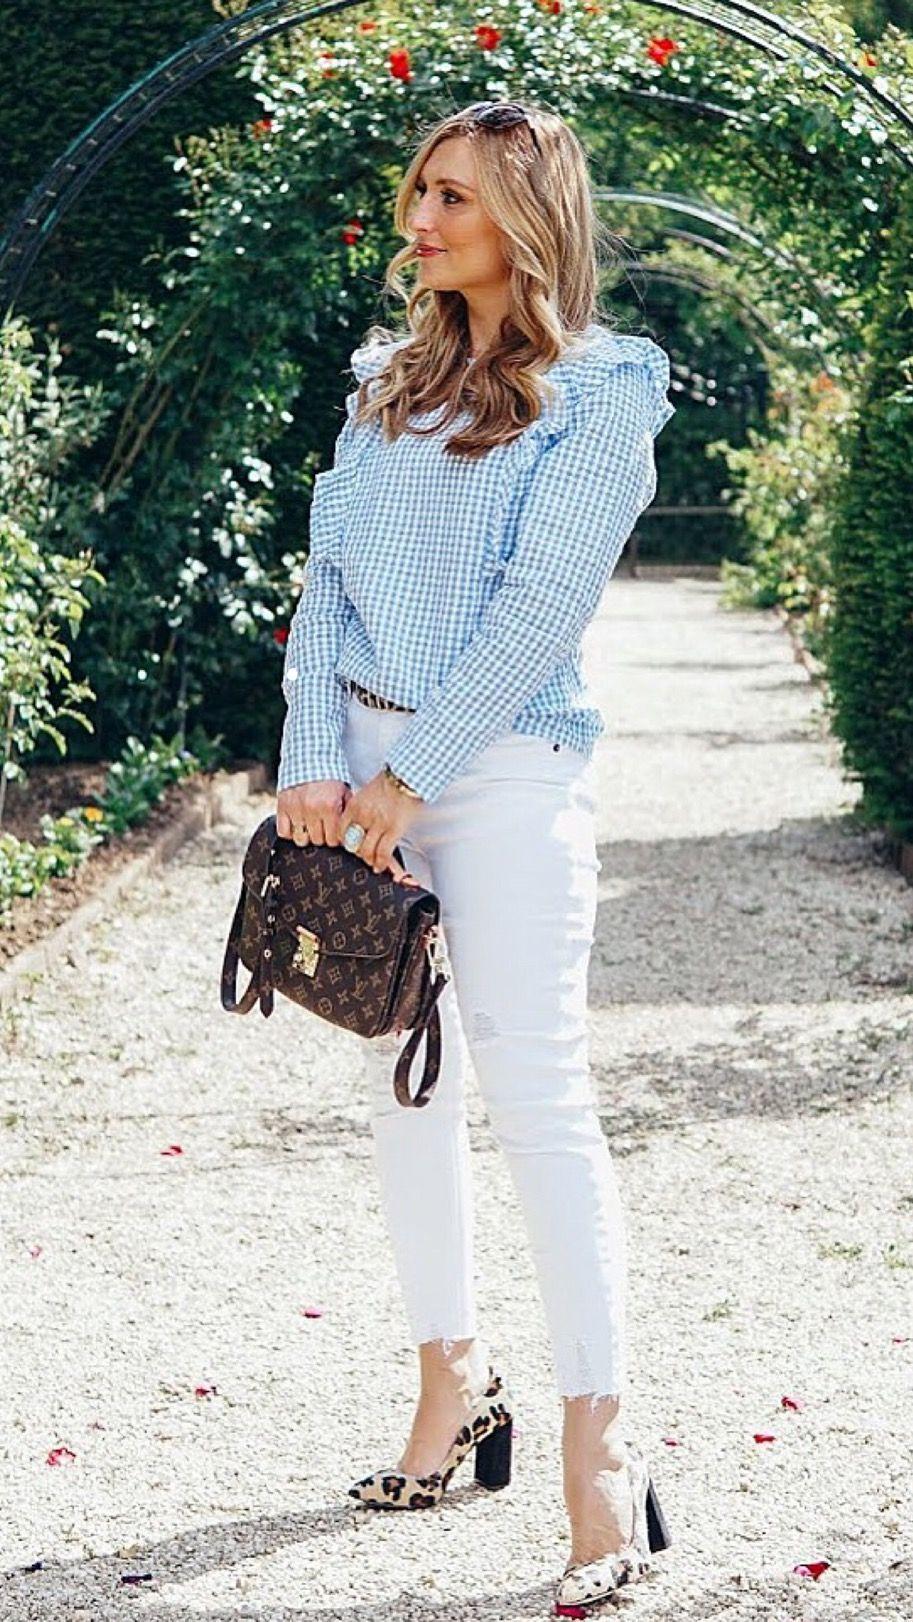 Eine weiße Jeans und mehere Looks | Weiße jeans, Casual